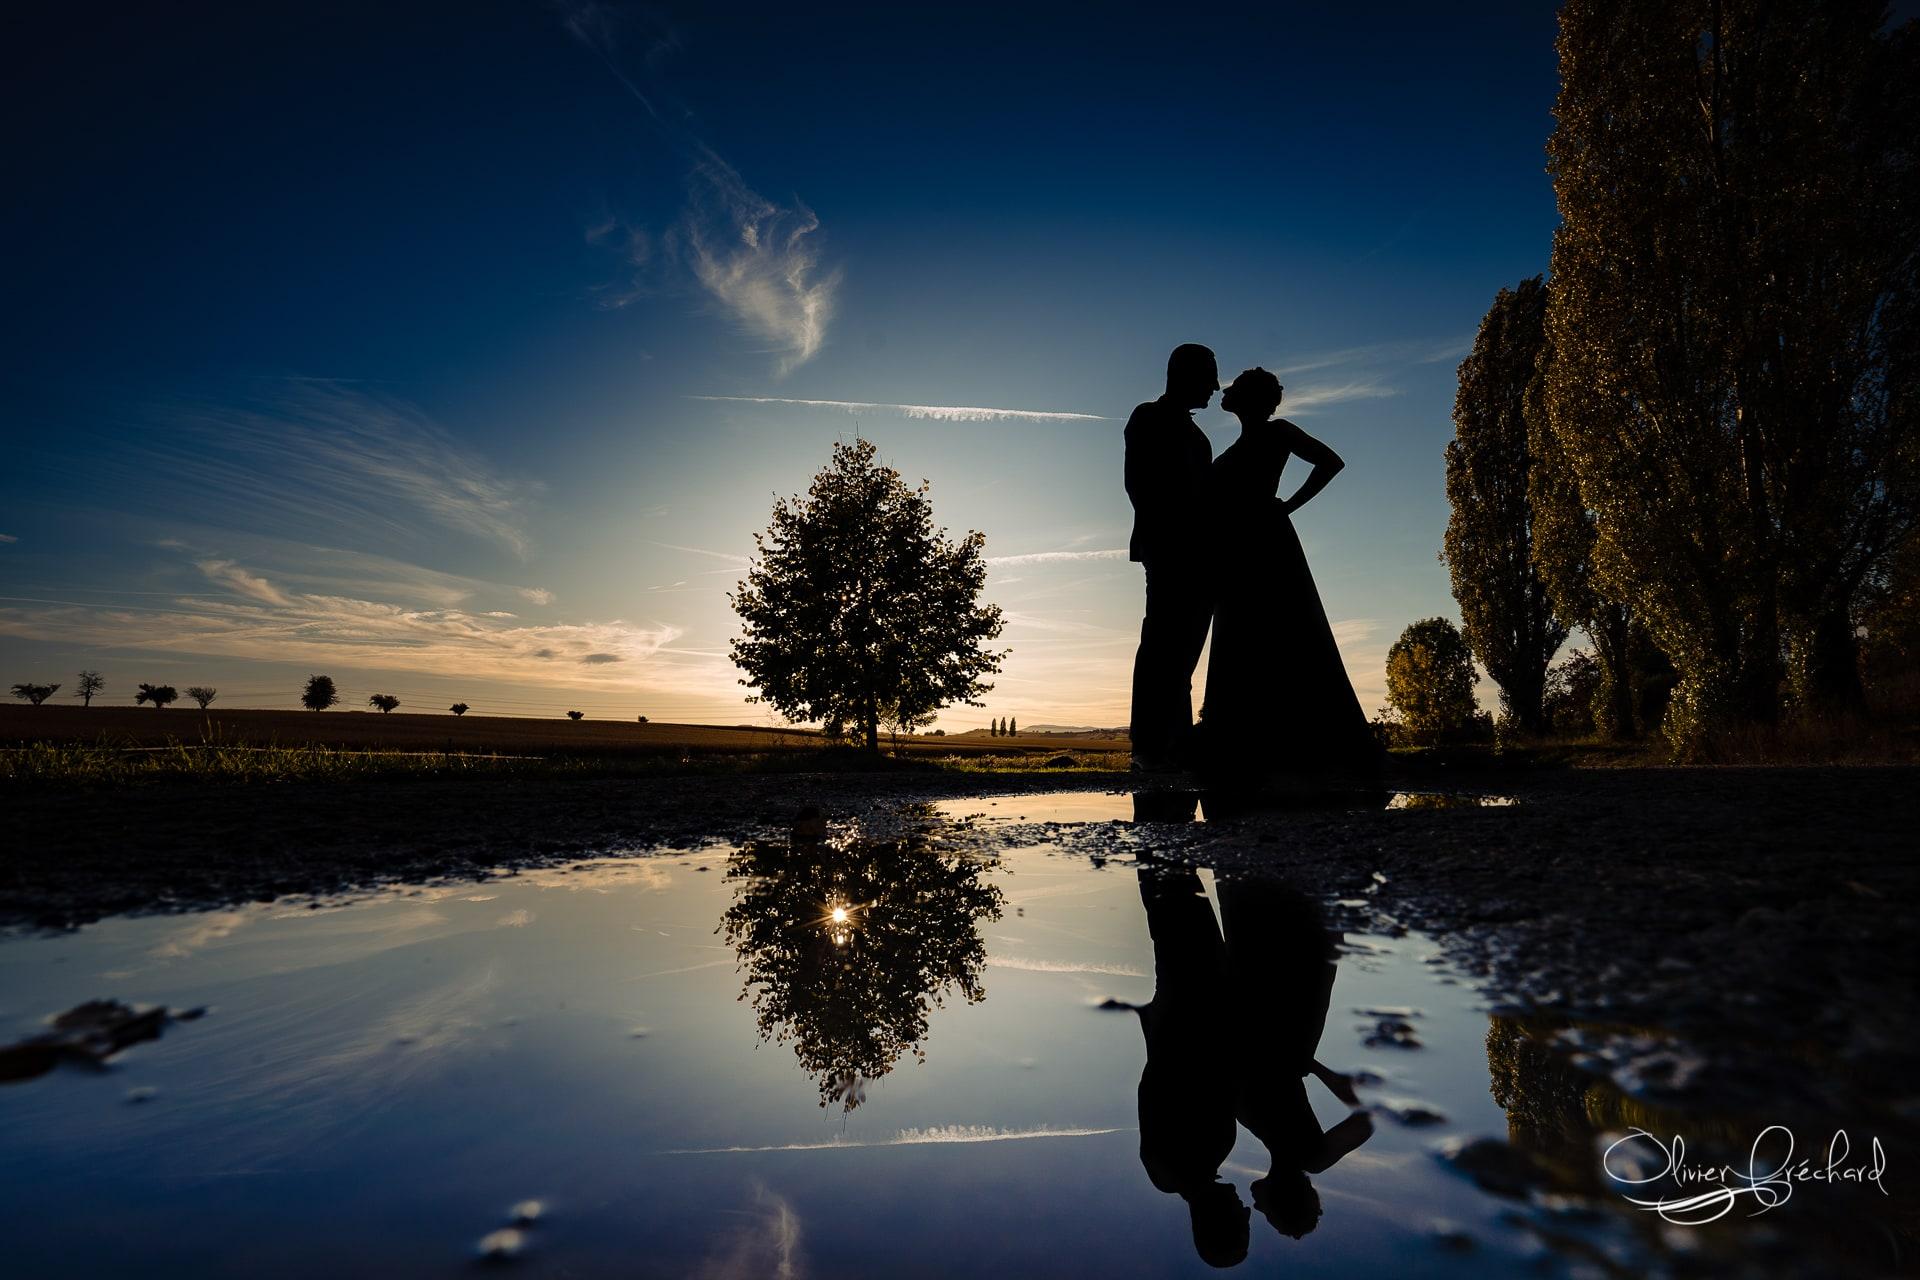 Meilleur photographe de mariage à Strasbourg en Alsace Olivier Fréchard